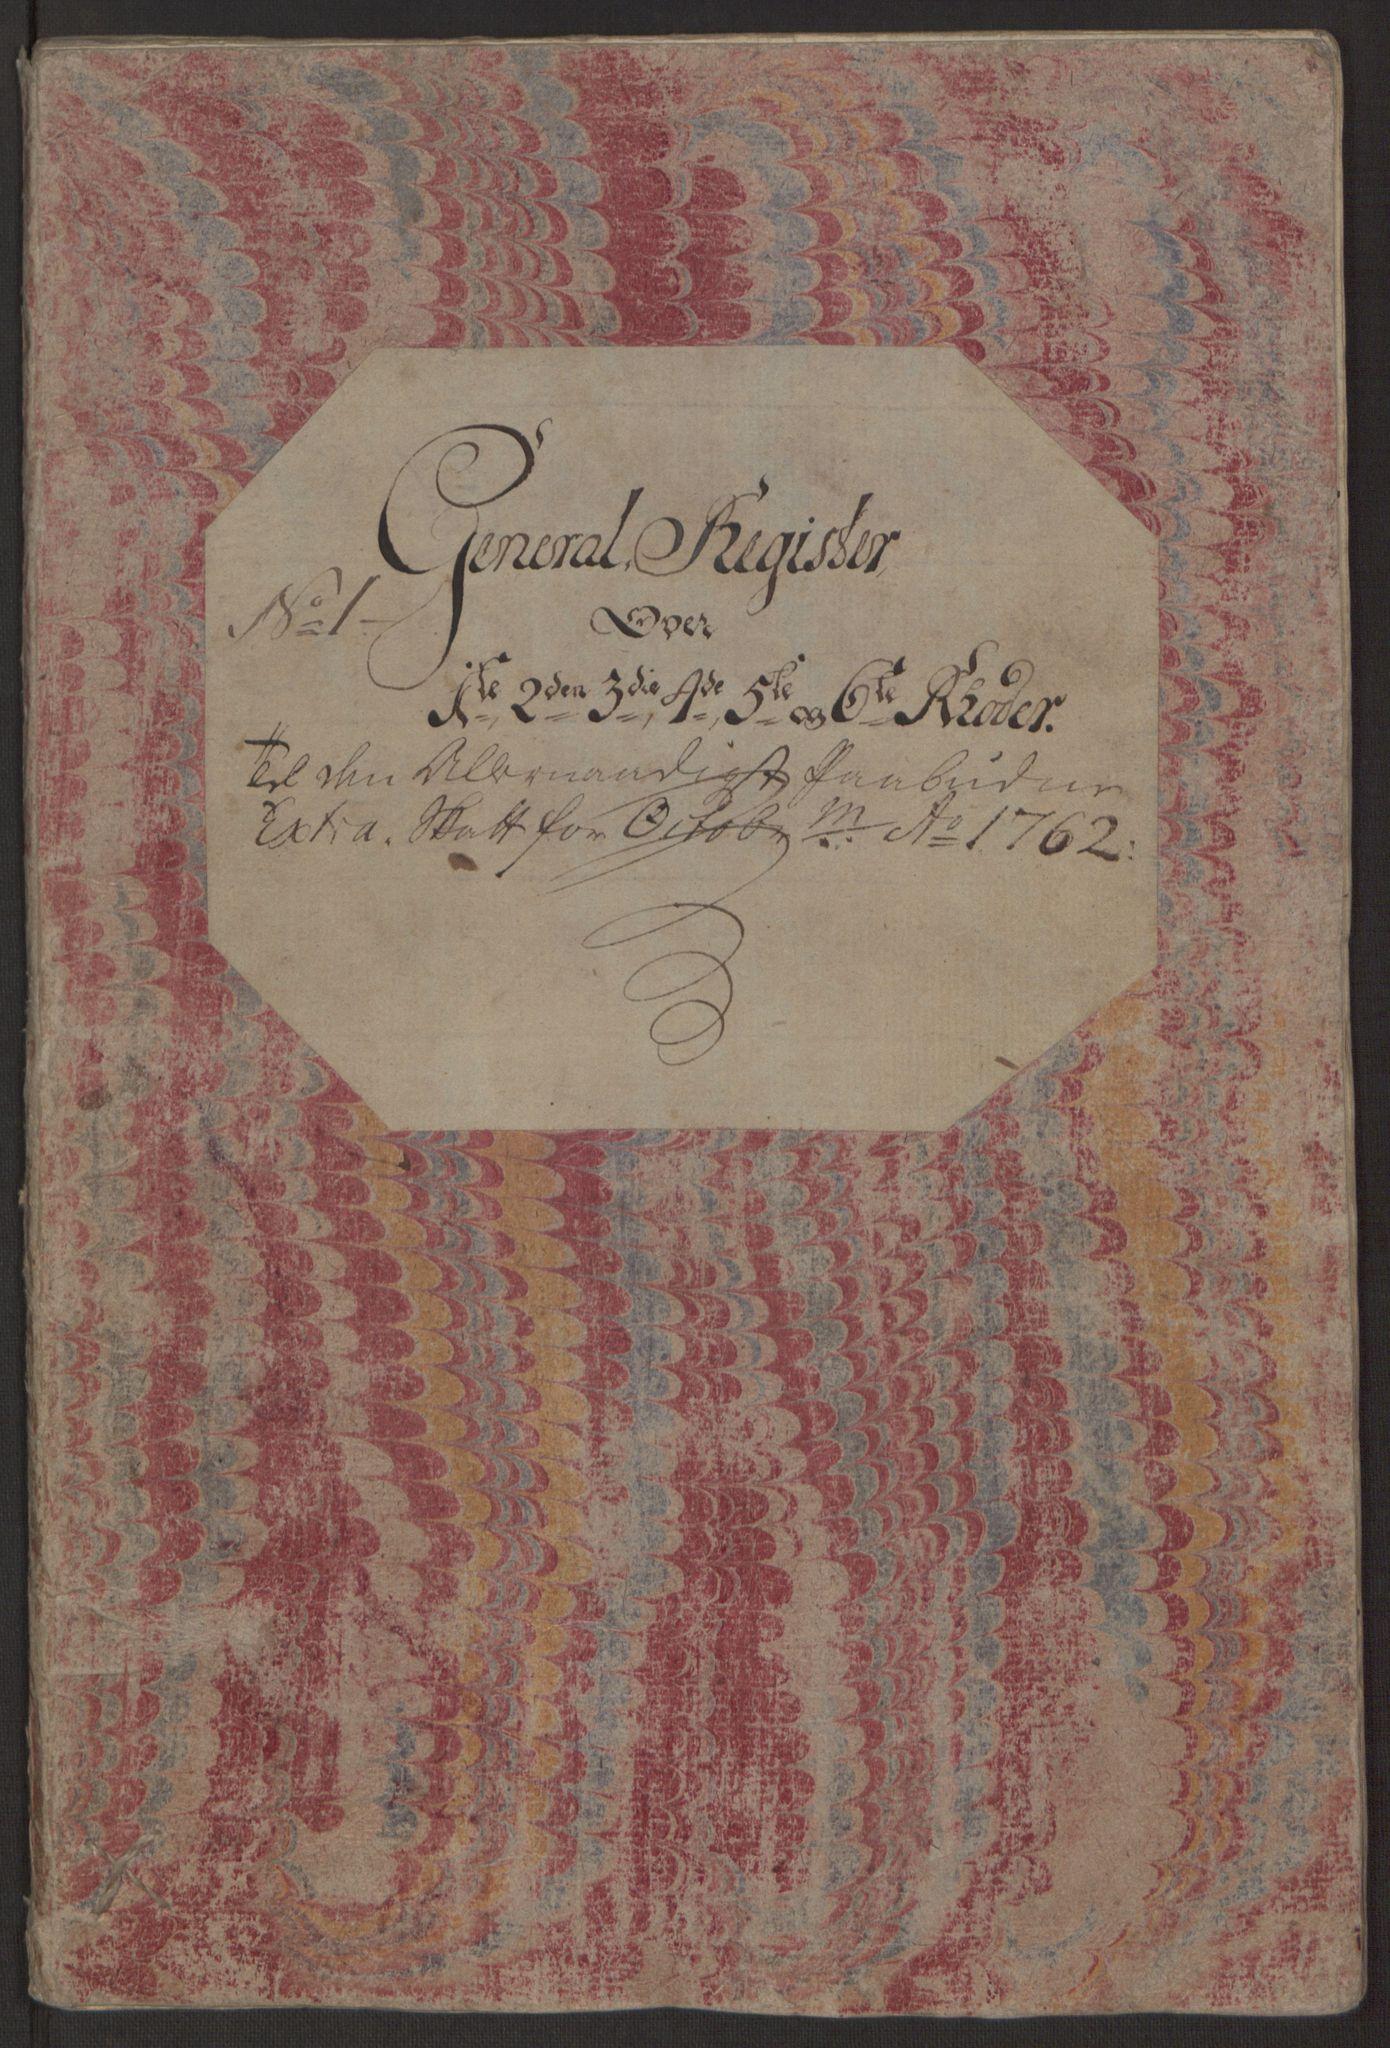 RA, Rentekammeret inntil 1814, Reviderte regnskaper, Byregnskaper, R/Rp/L0365: [P20] Kontribusjonsregnskap, 1762, s. 20